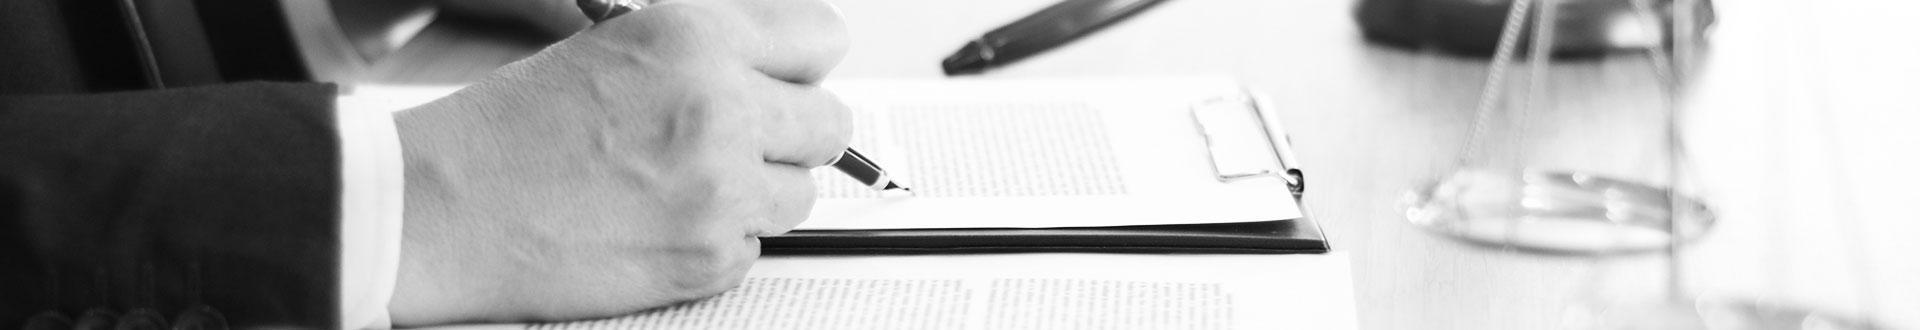 Dokumenty podpisane piórem